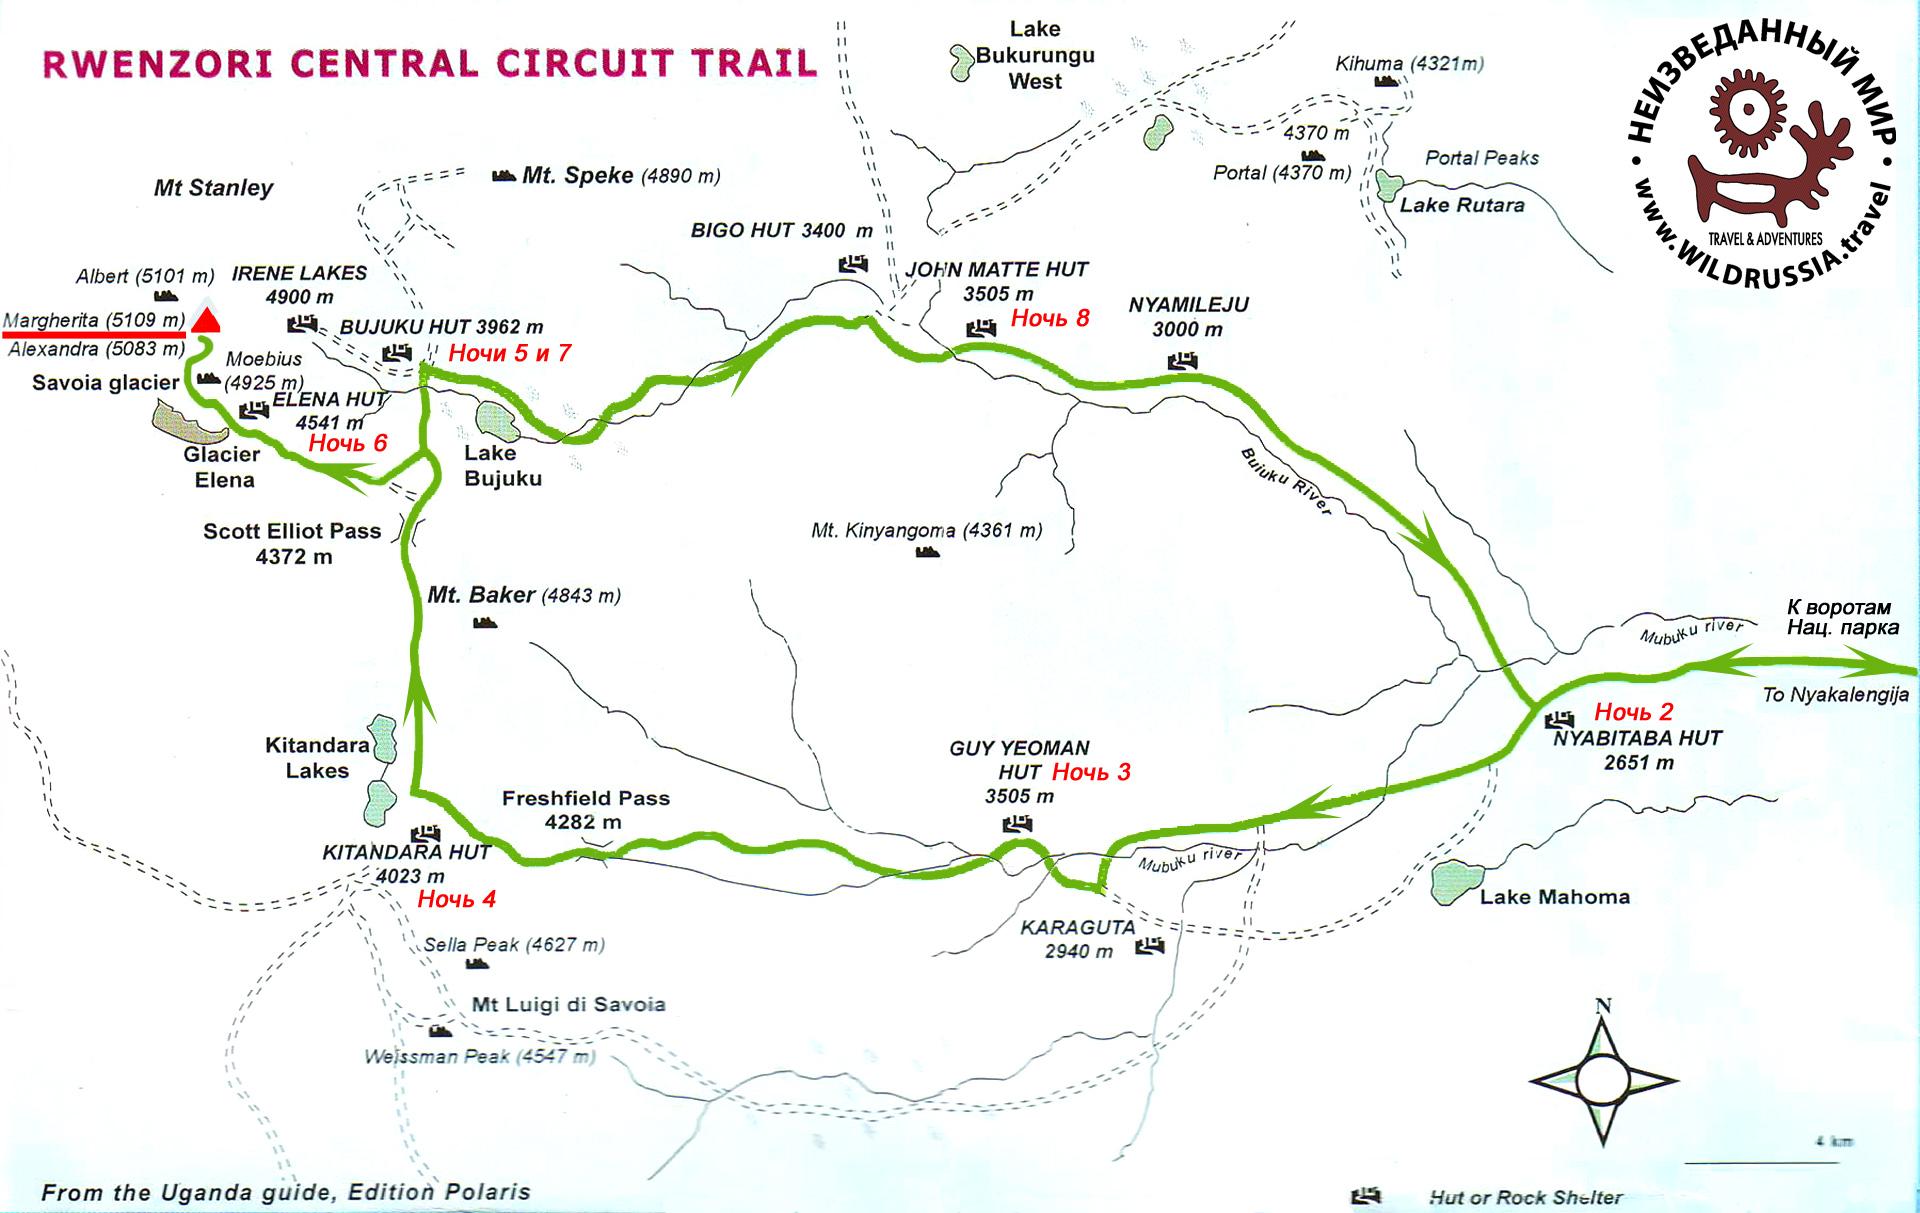 Схема треккинга и восхождения в Лунных горах Рувензори